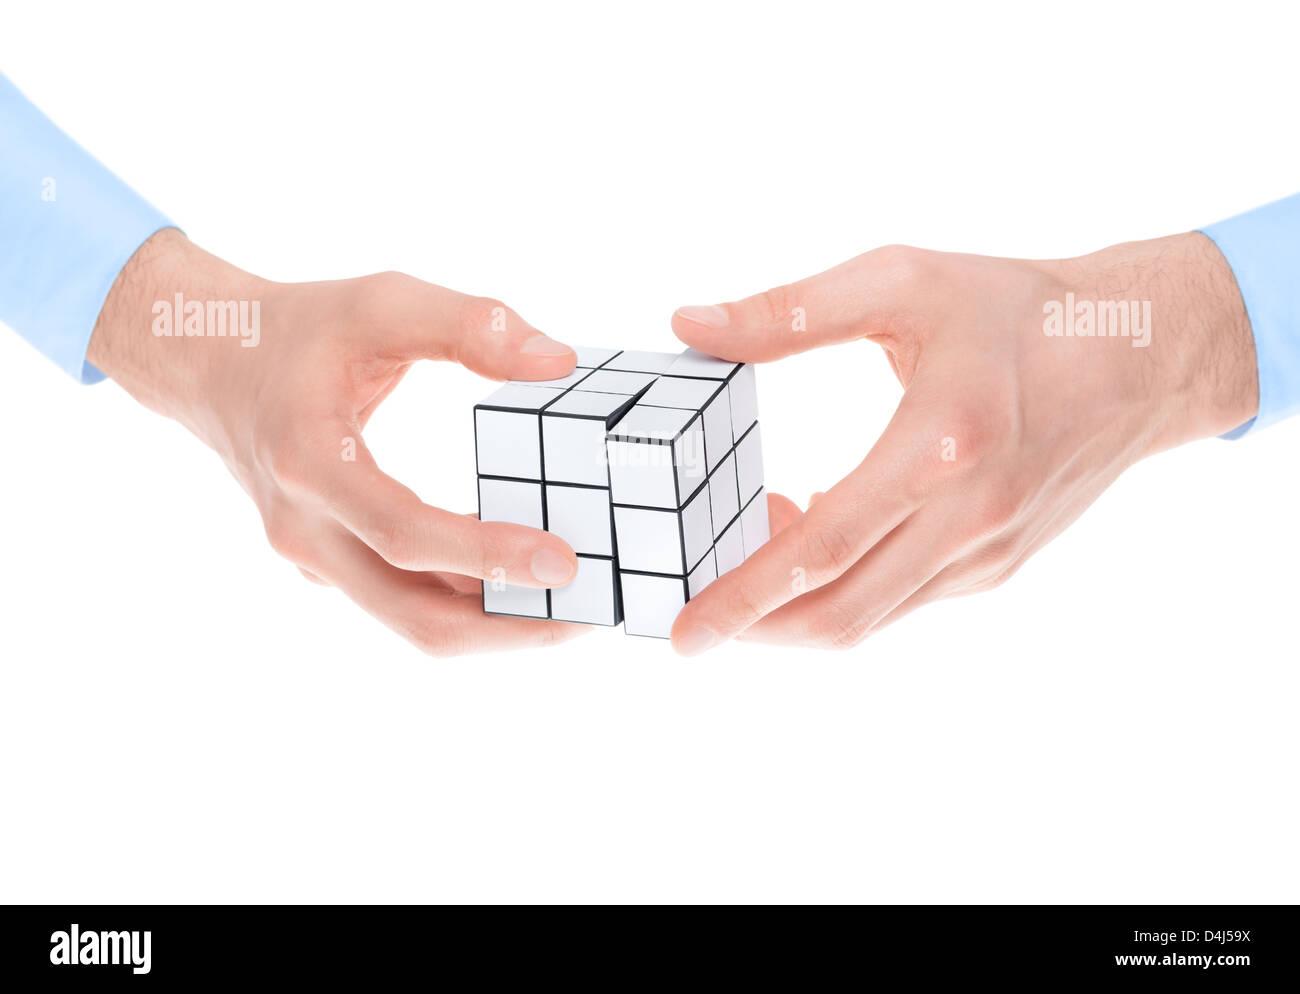 Las manos masculinas en shirtsleeves resolver un puzzle twist en blanco. Aislado en blanco. Imagen De Stock